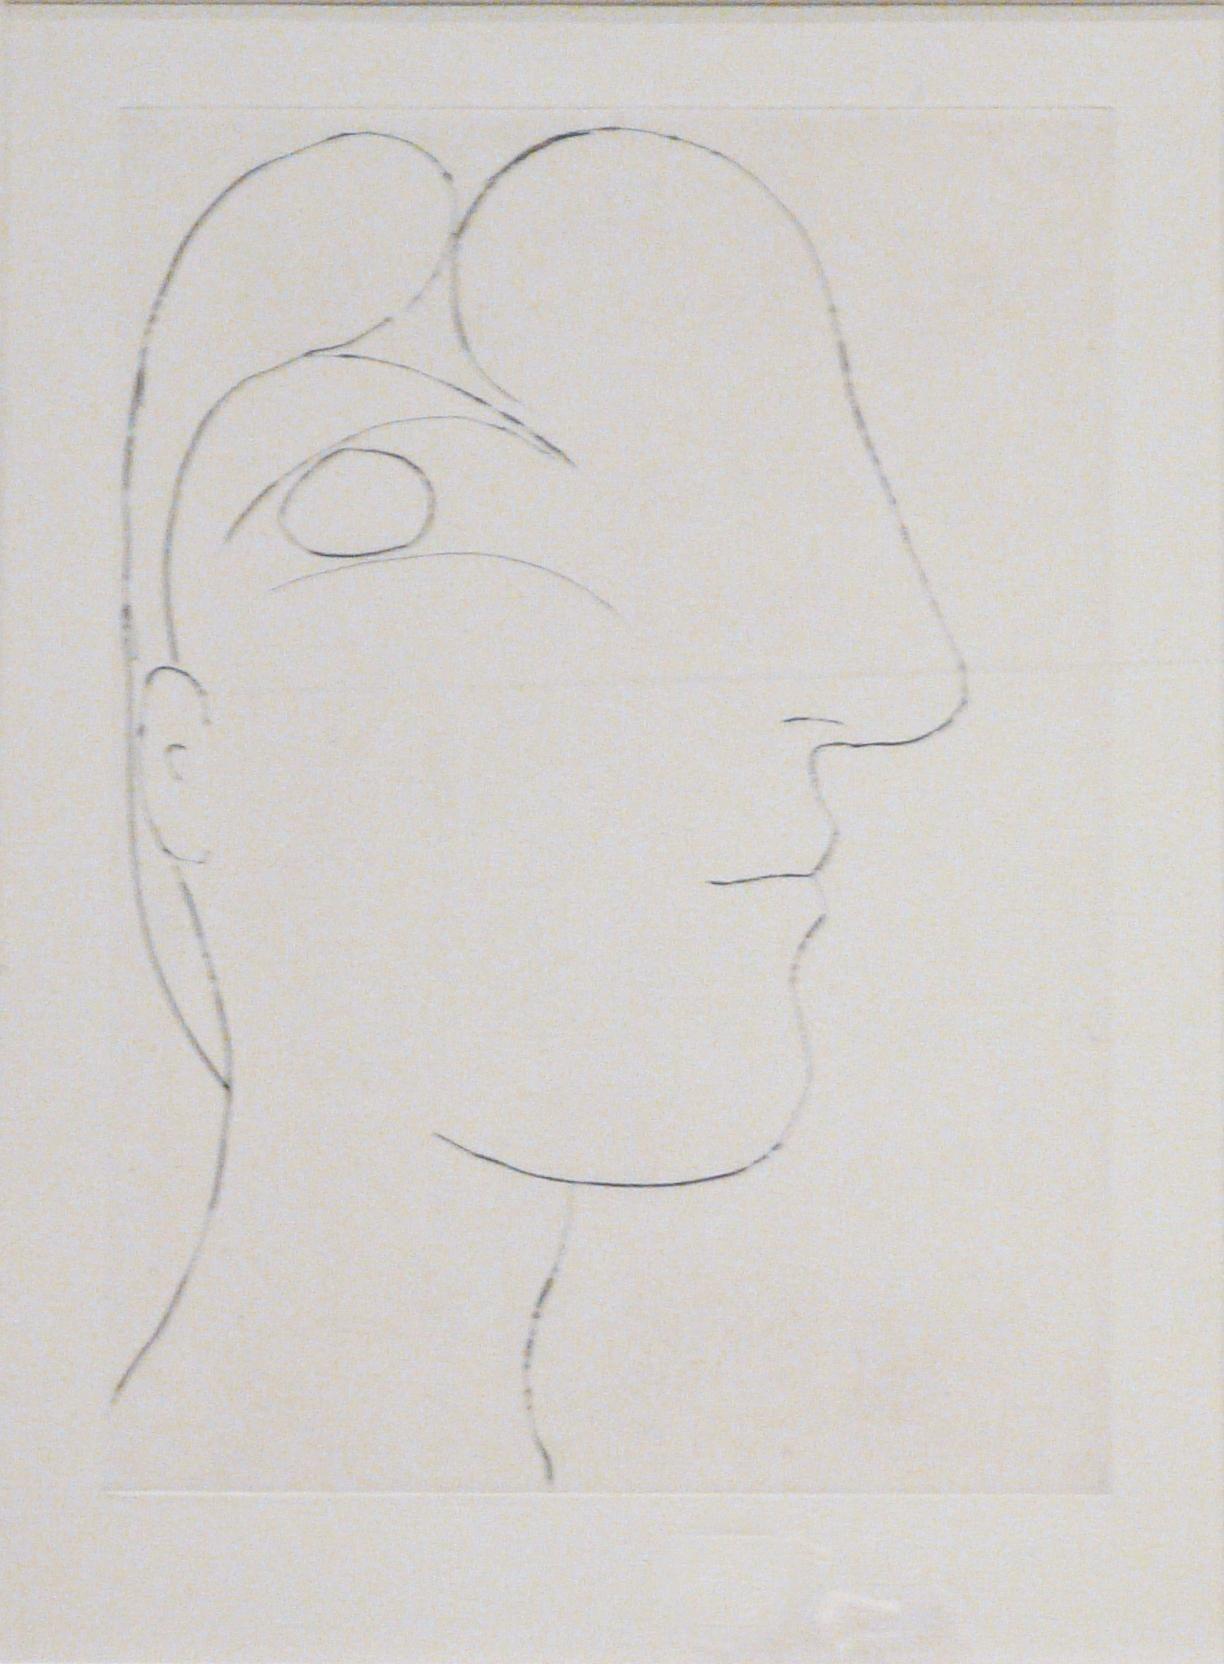 Pablo Picasso: Profil sculptural de Marie-Thérèse